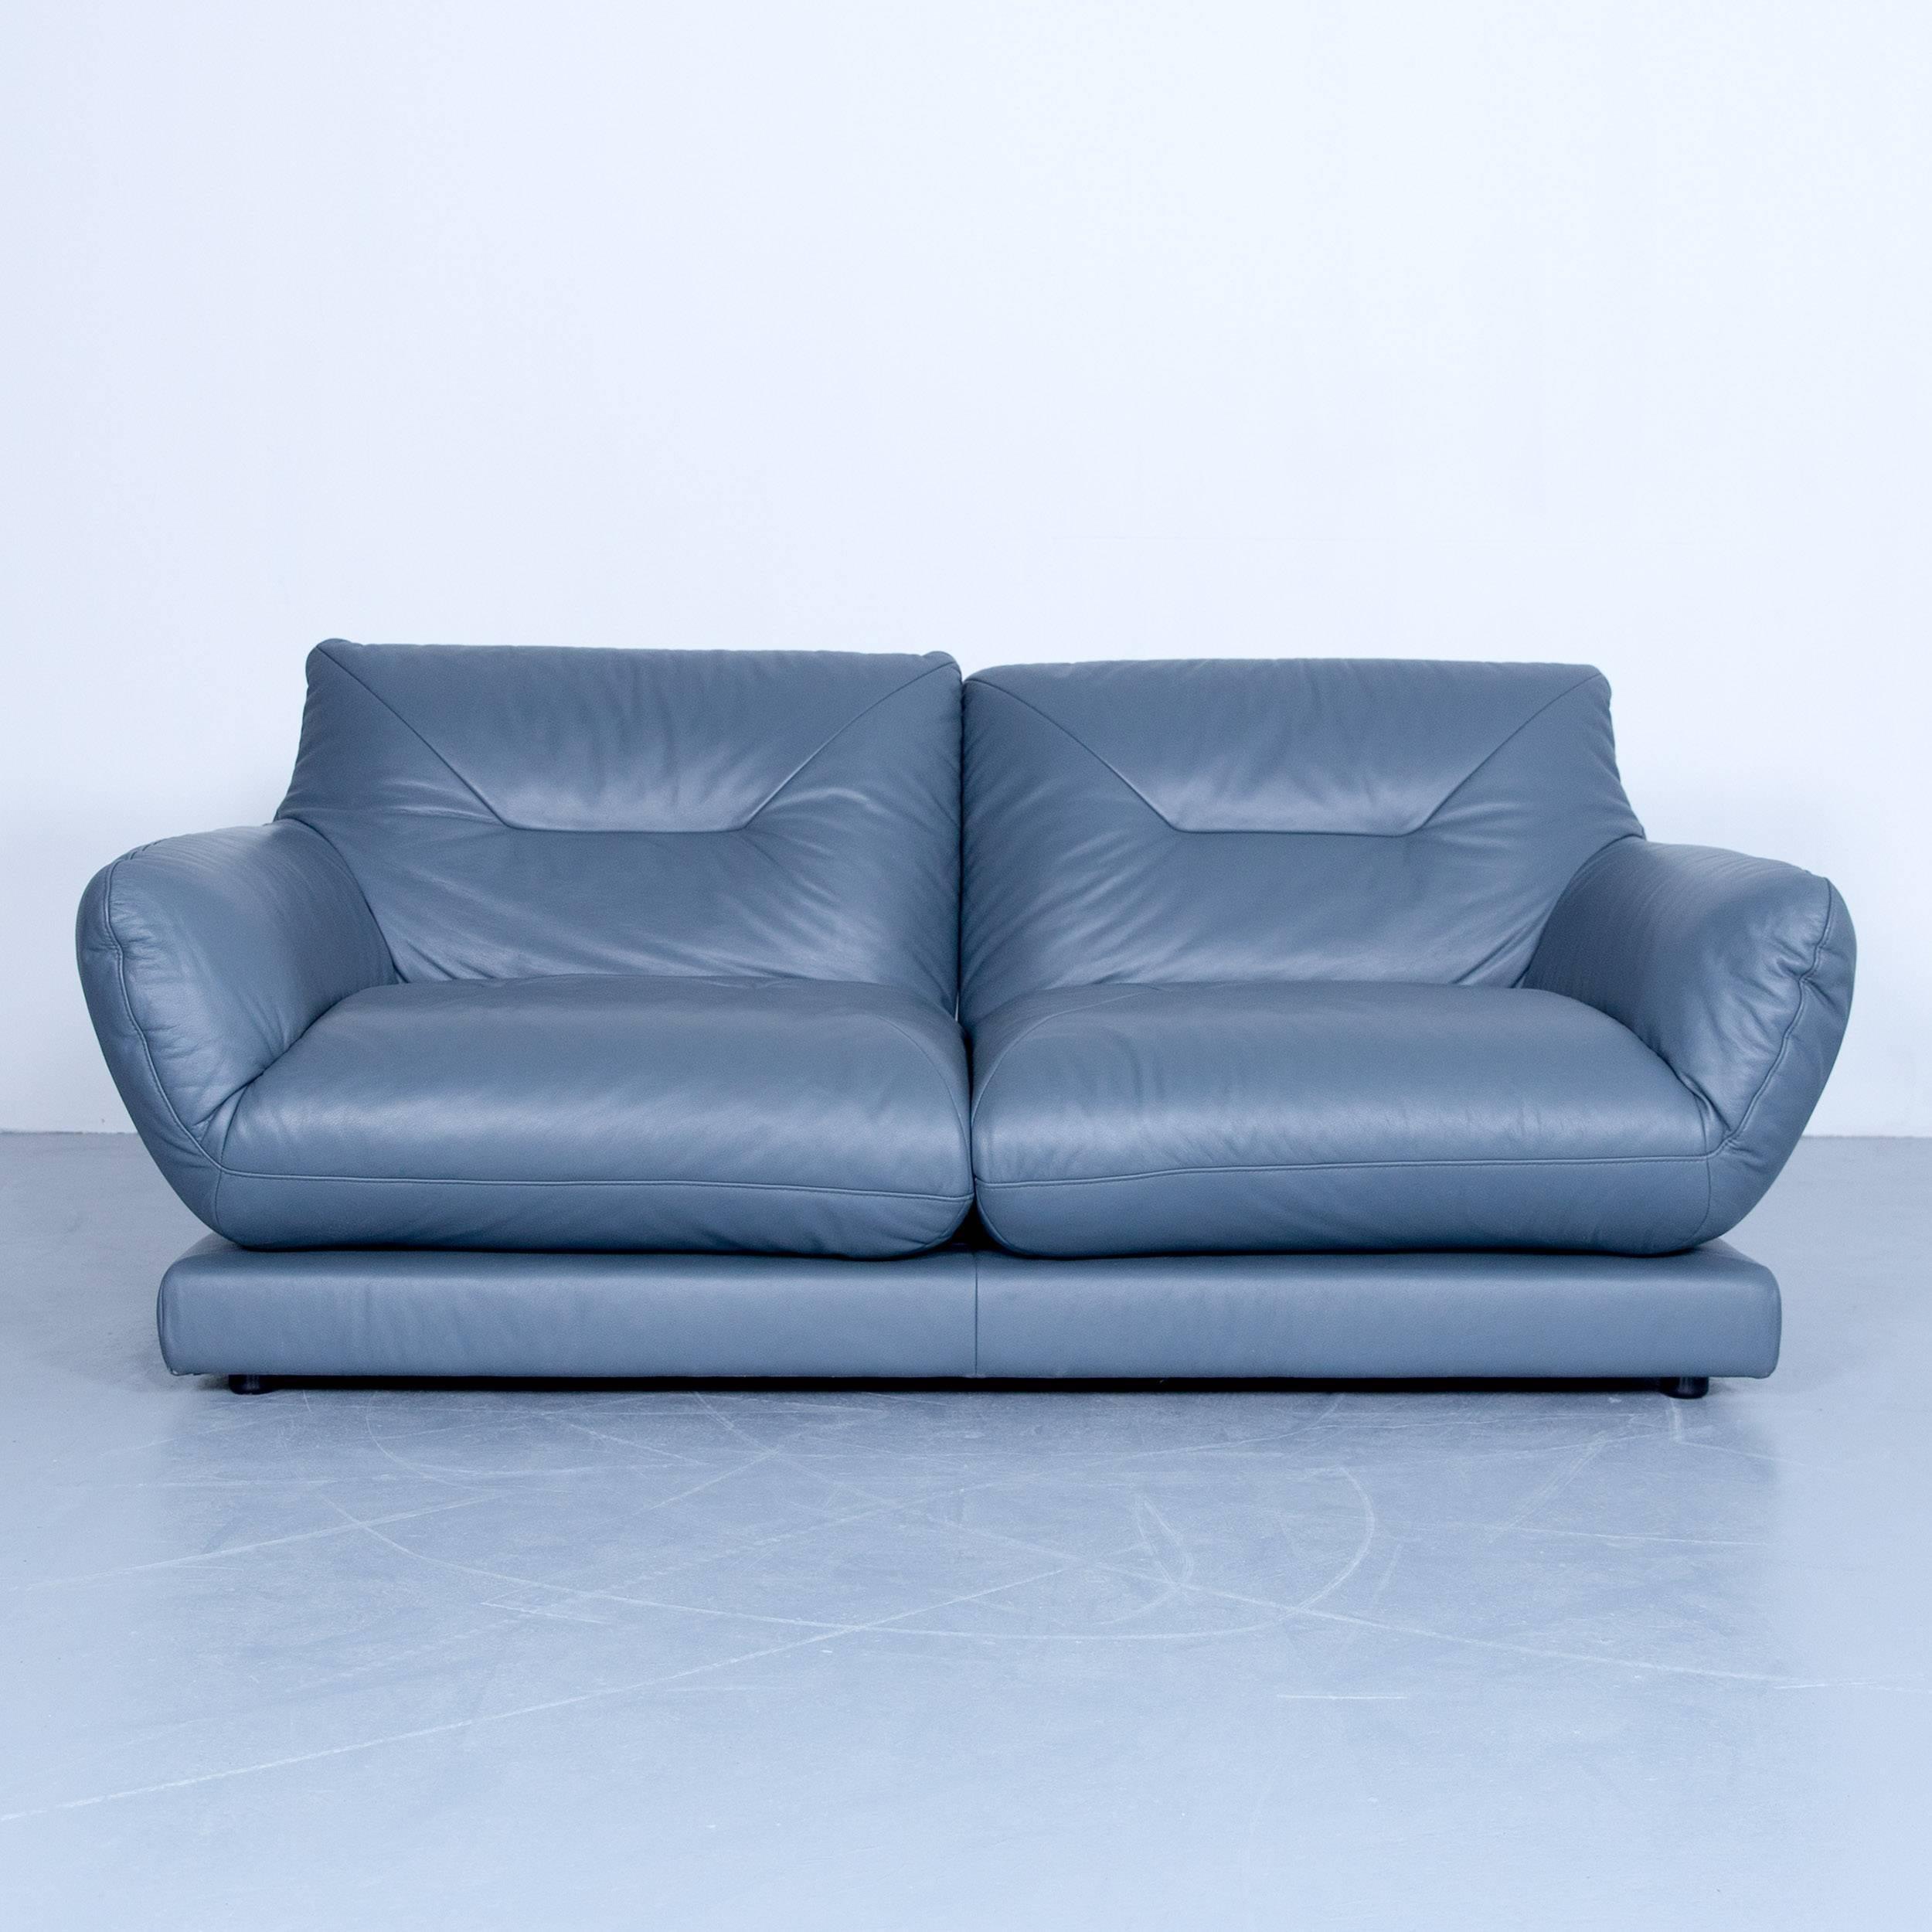 Tolle Peaceful Design Xxl Sessel Ideen - Heimat Ideen ...